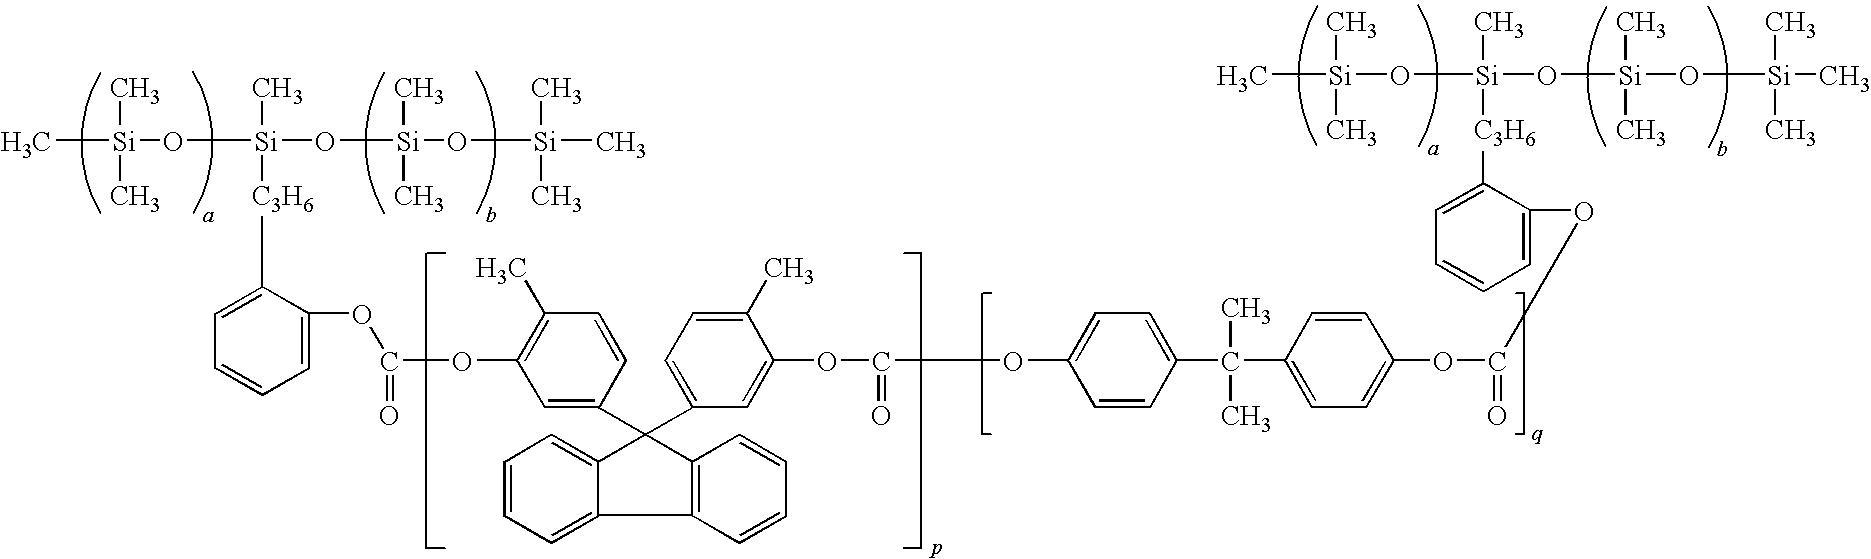 Figure US07943278-20110517-C00016